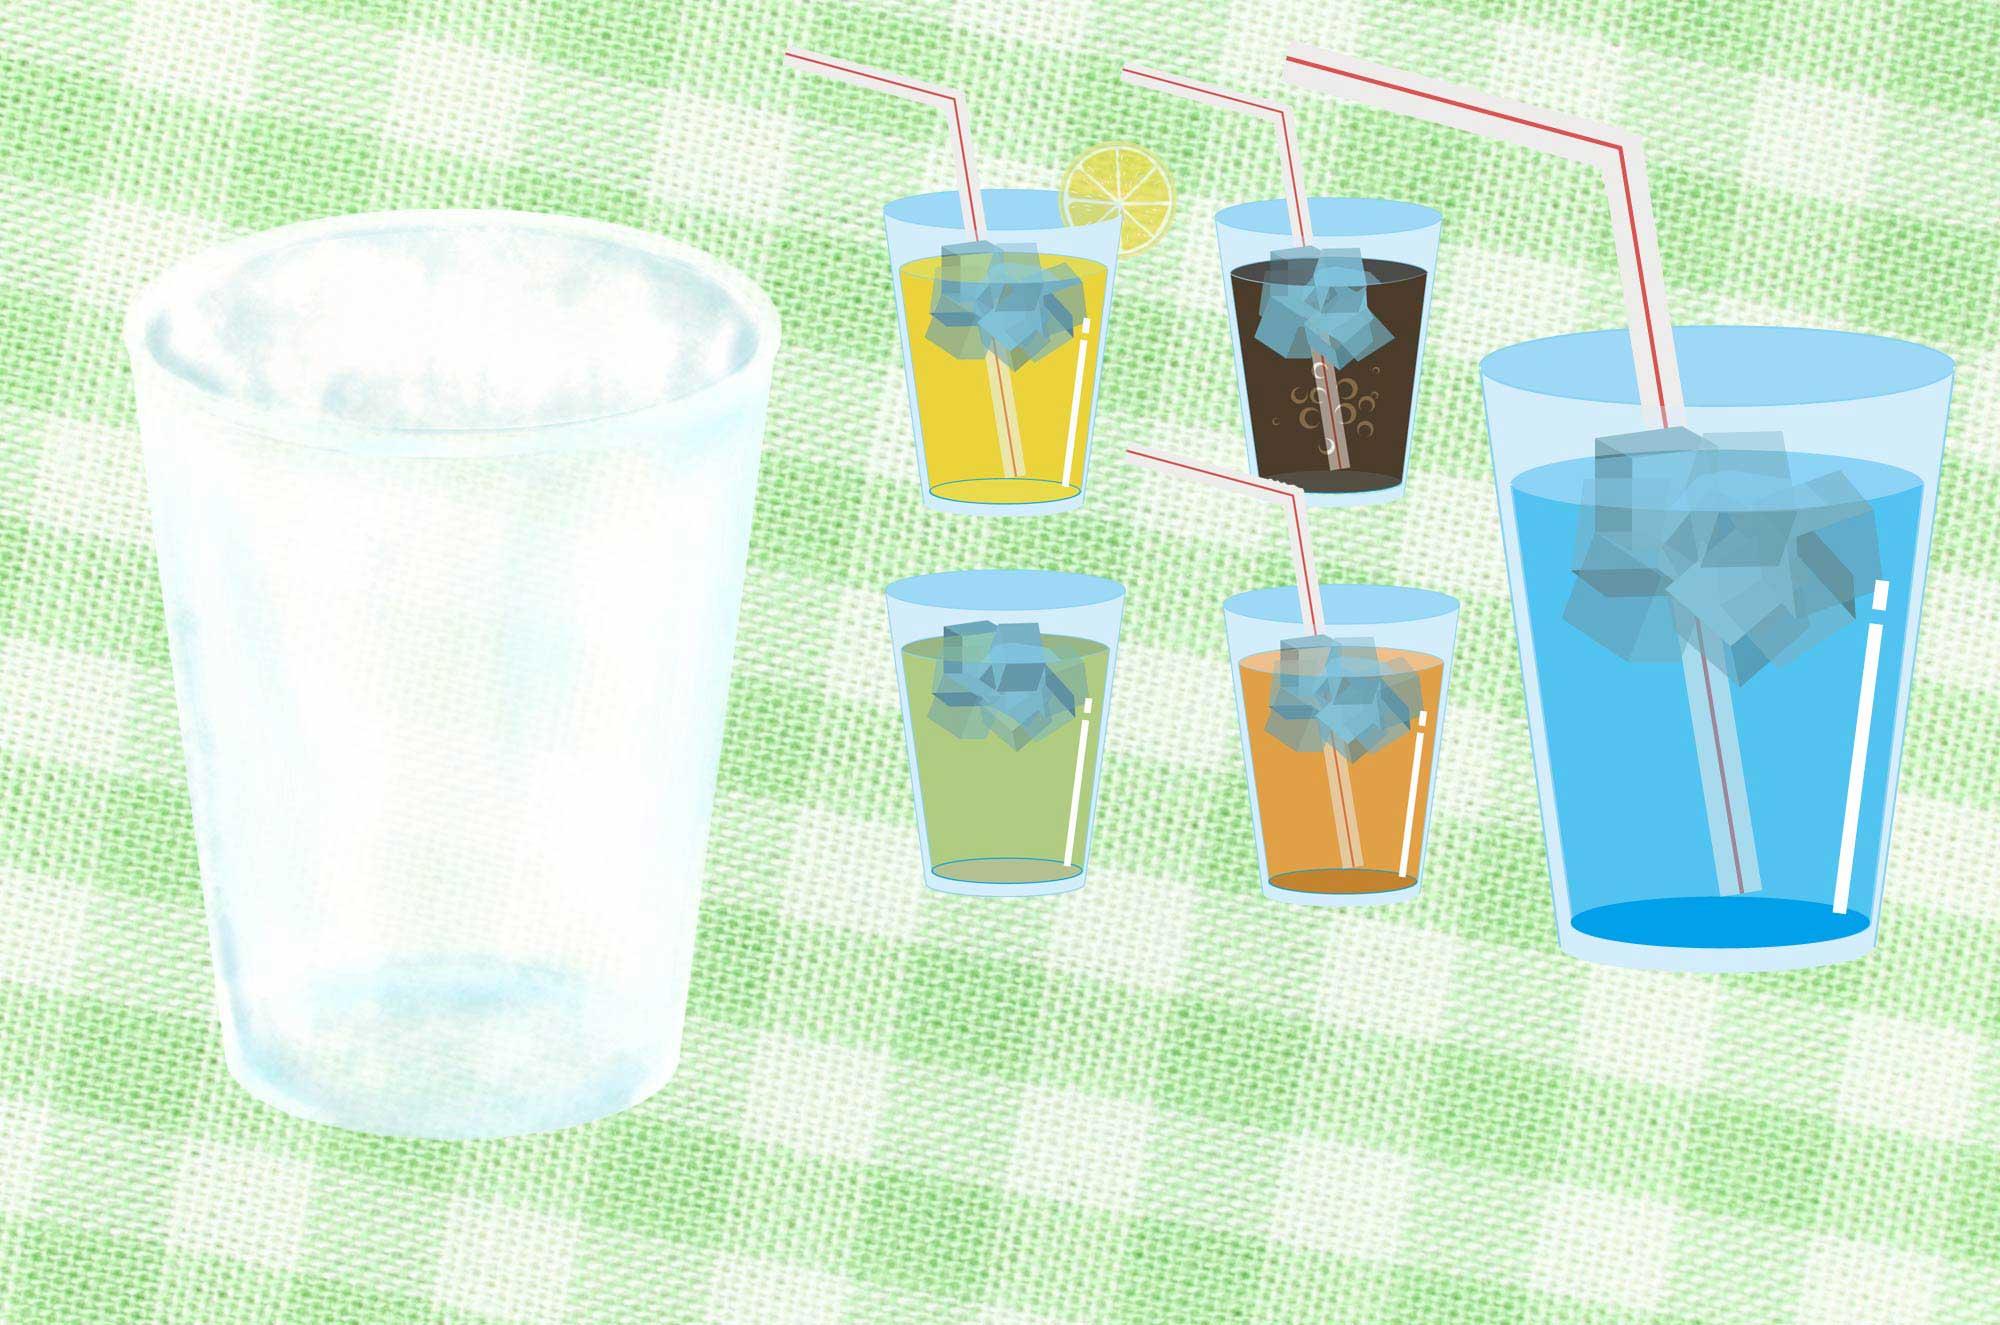 コップとジュースのイラスト - 可愛いくて冷たい無料素材